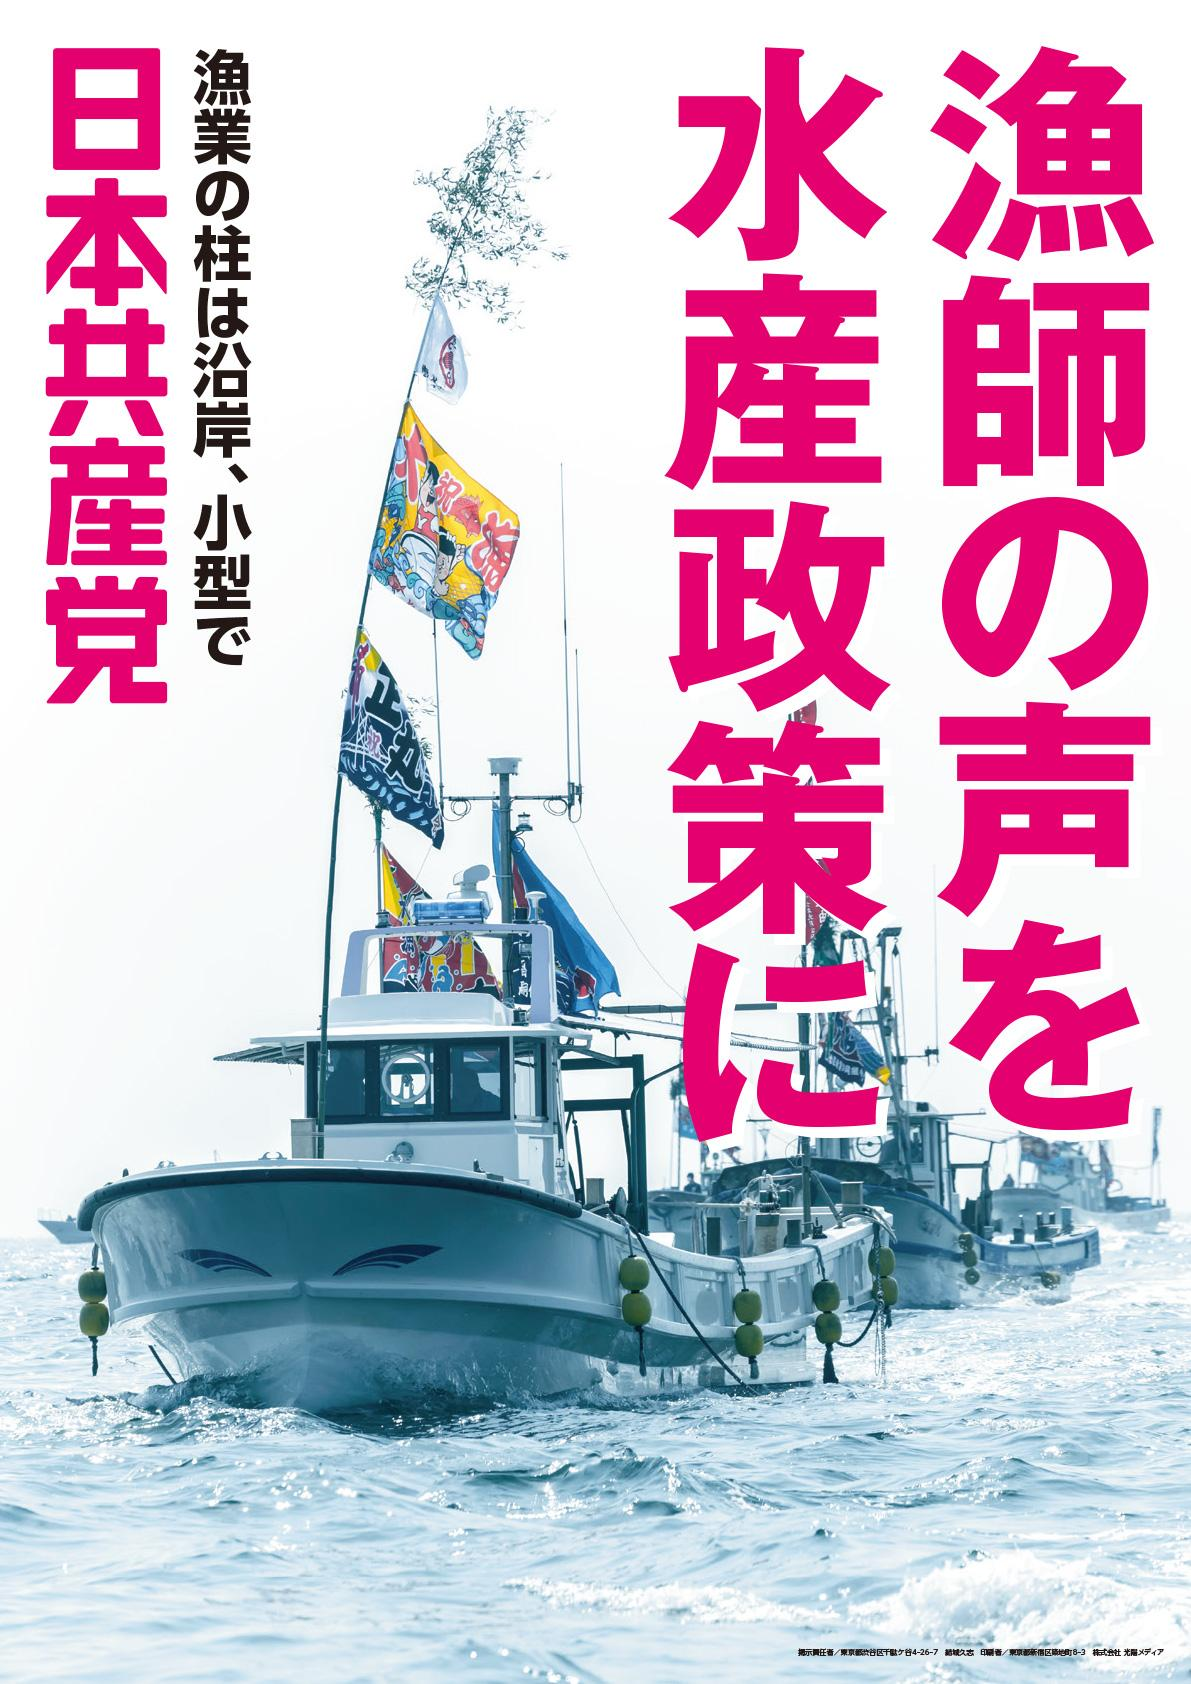 漁師の声を水産政策に 漁業の柱は沿岸、小型で